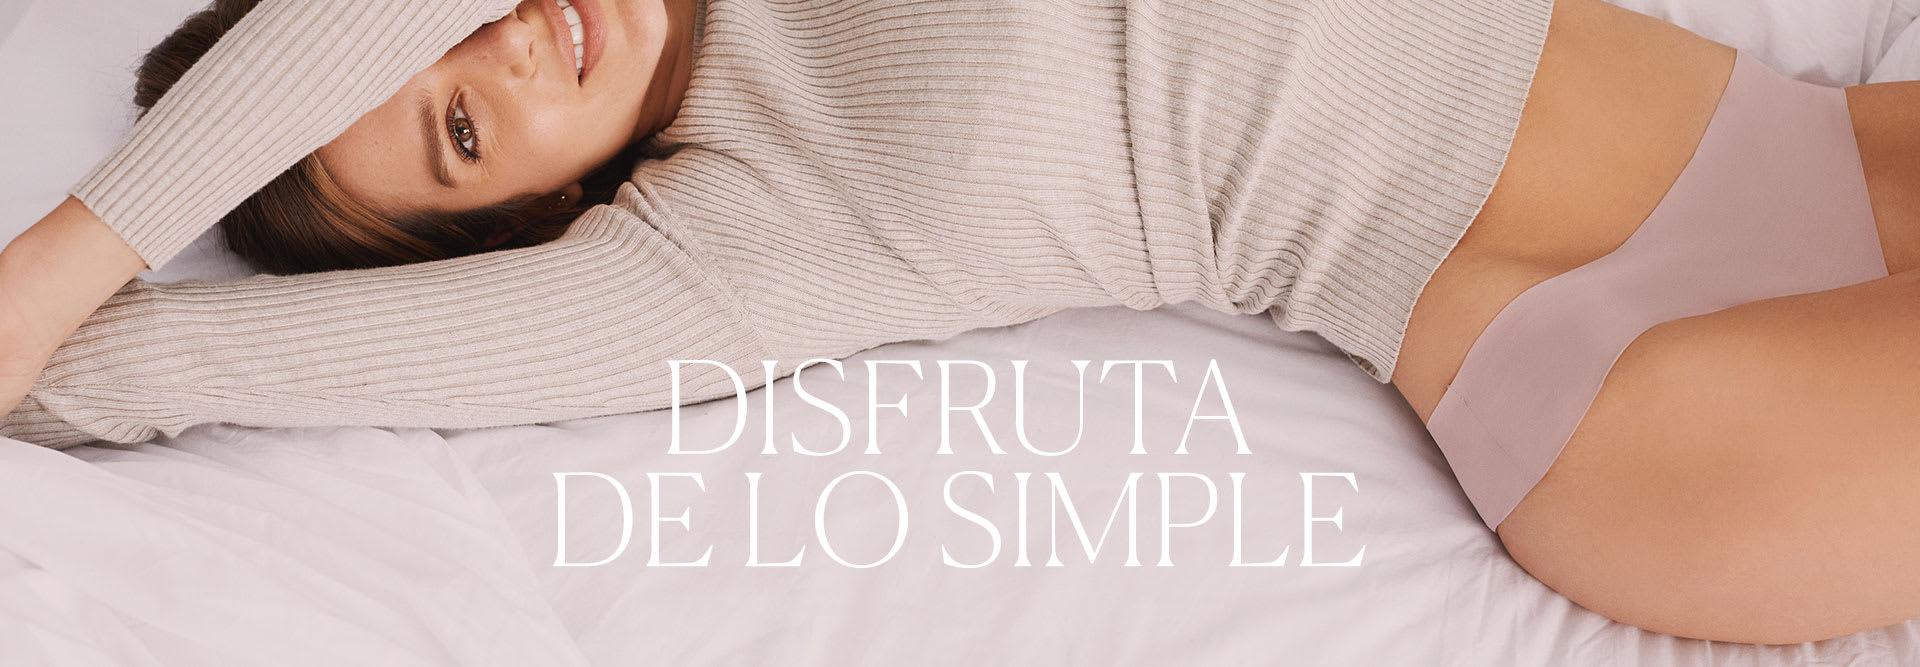 Disfruta de lo simple